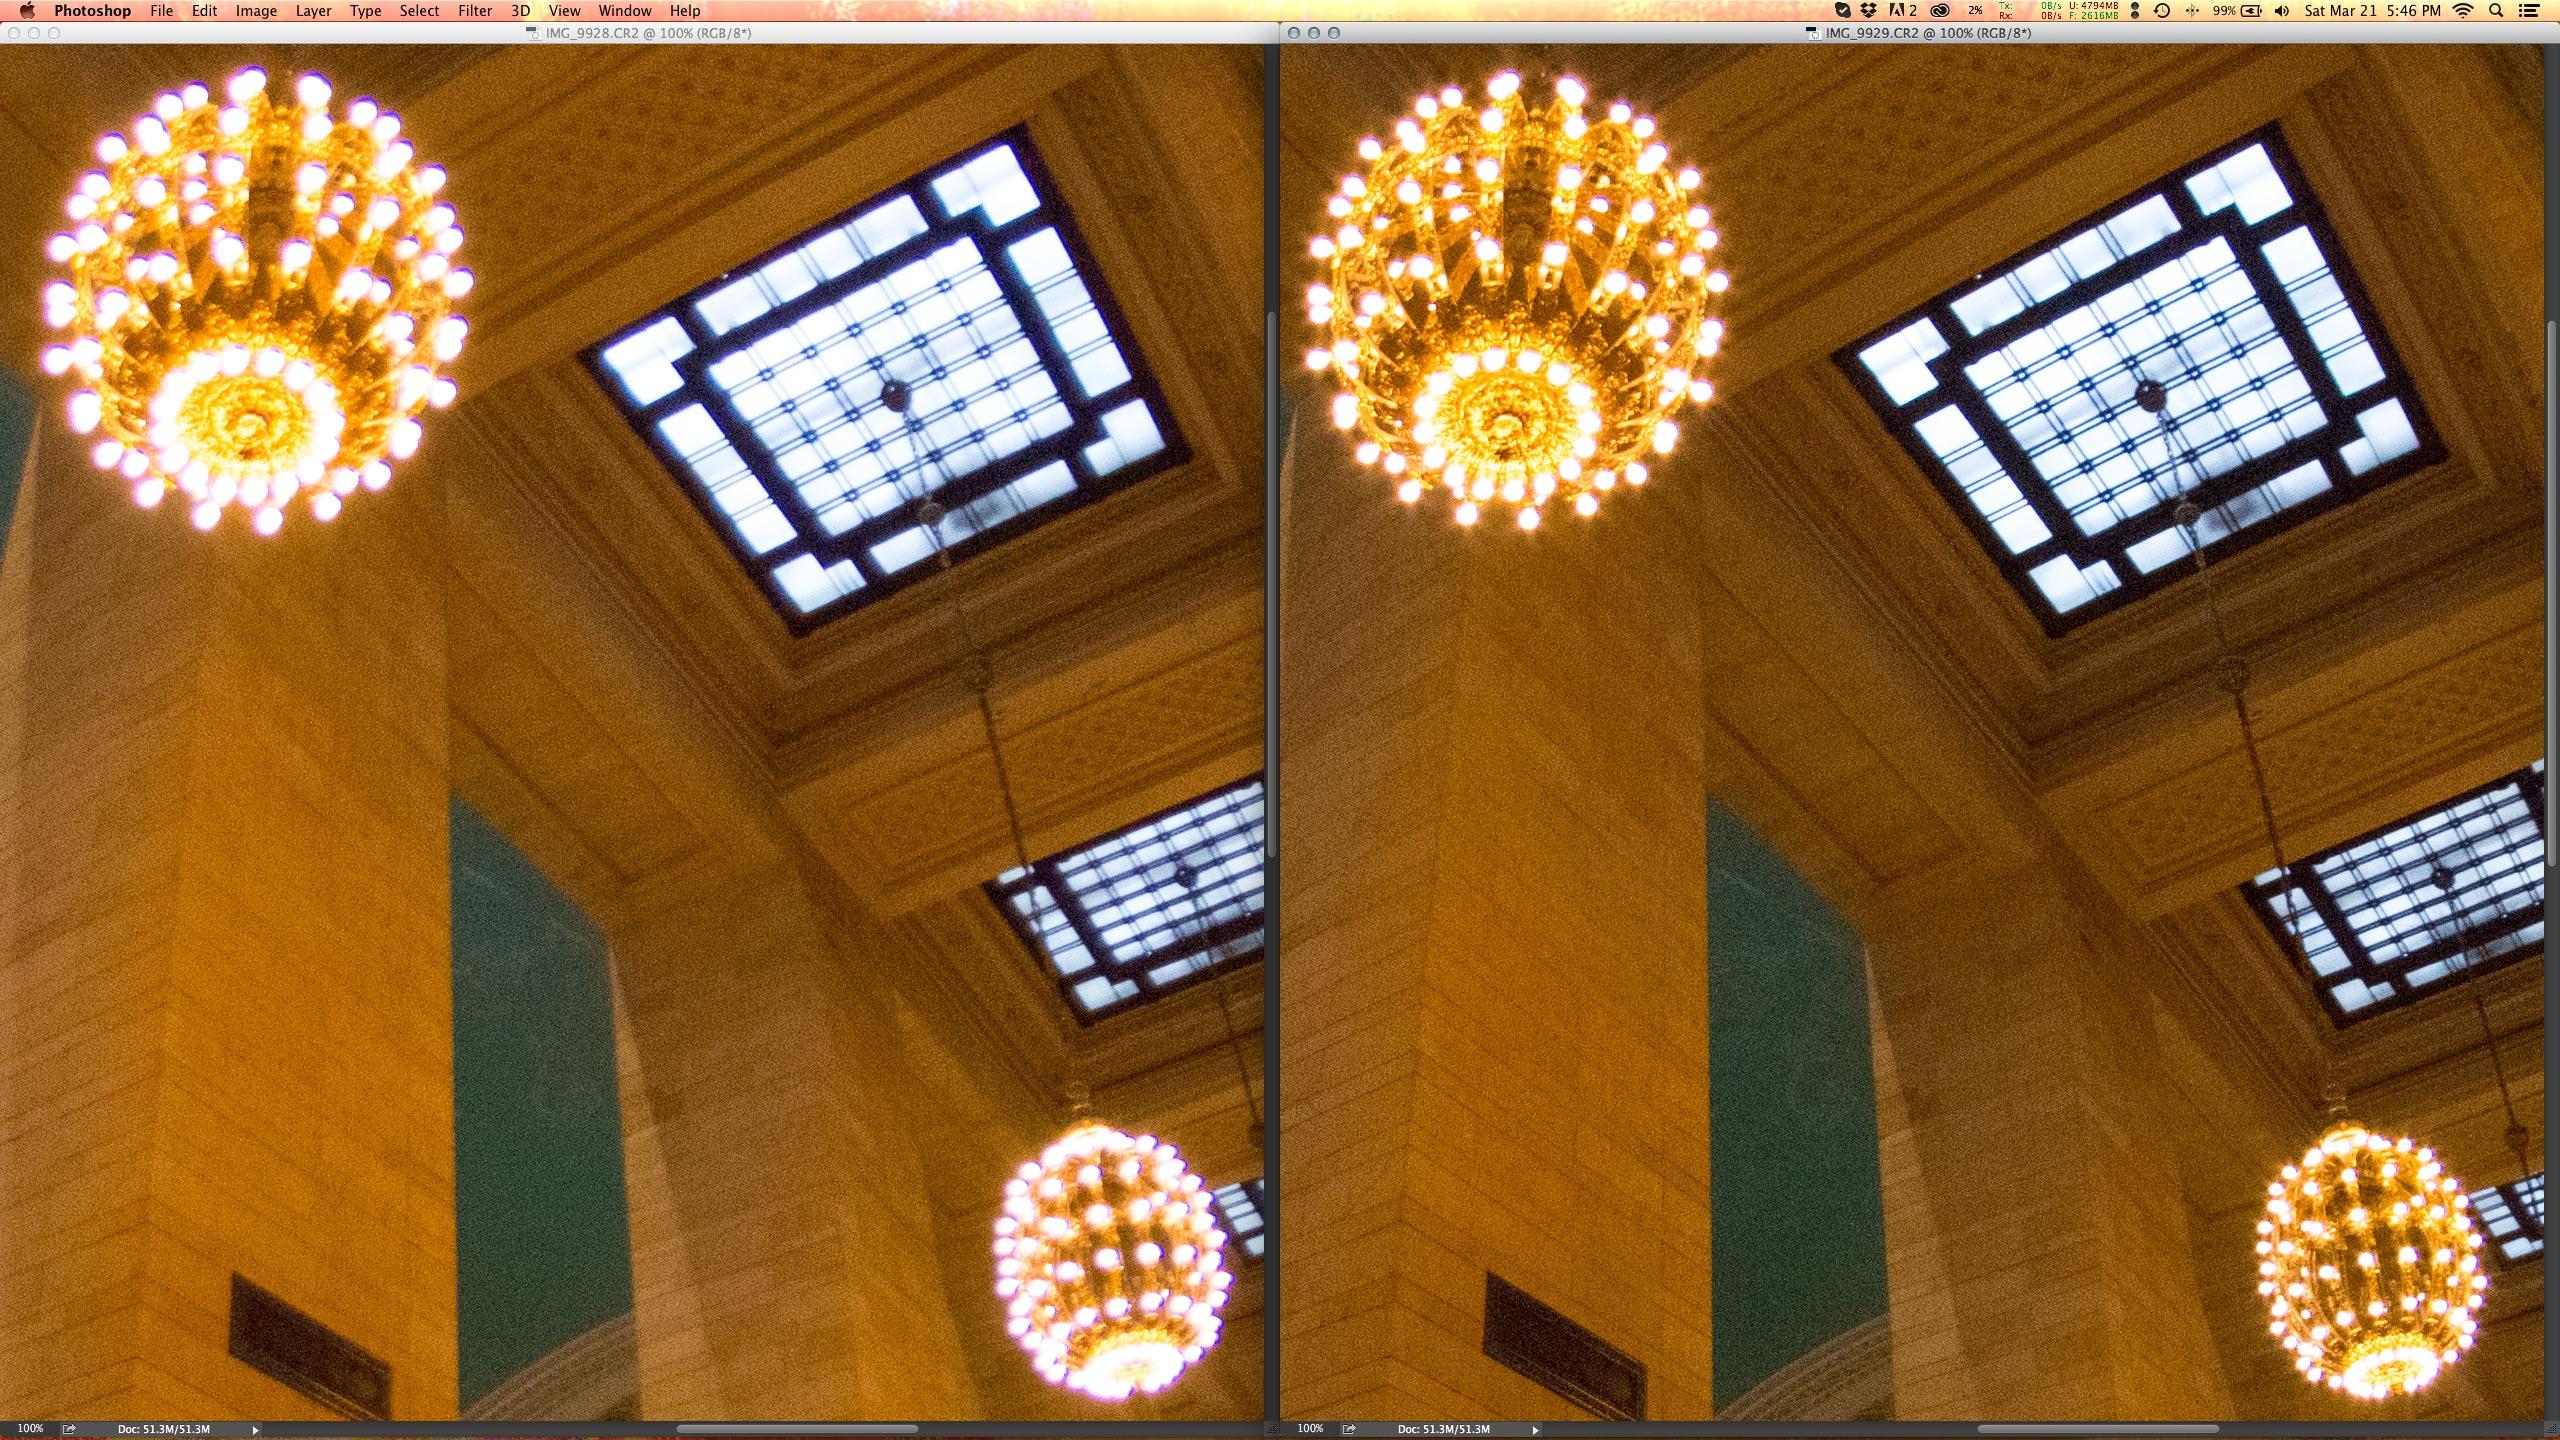 Crop 100%, em abertura máxima T3.8 (esquerda) e T6.7 (direita), notável melhora na nitidez.